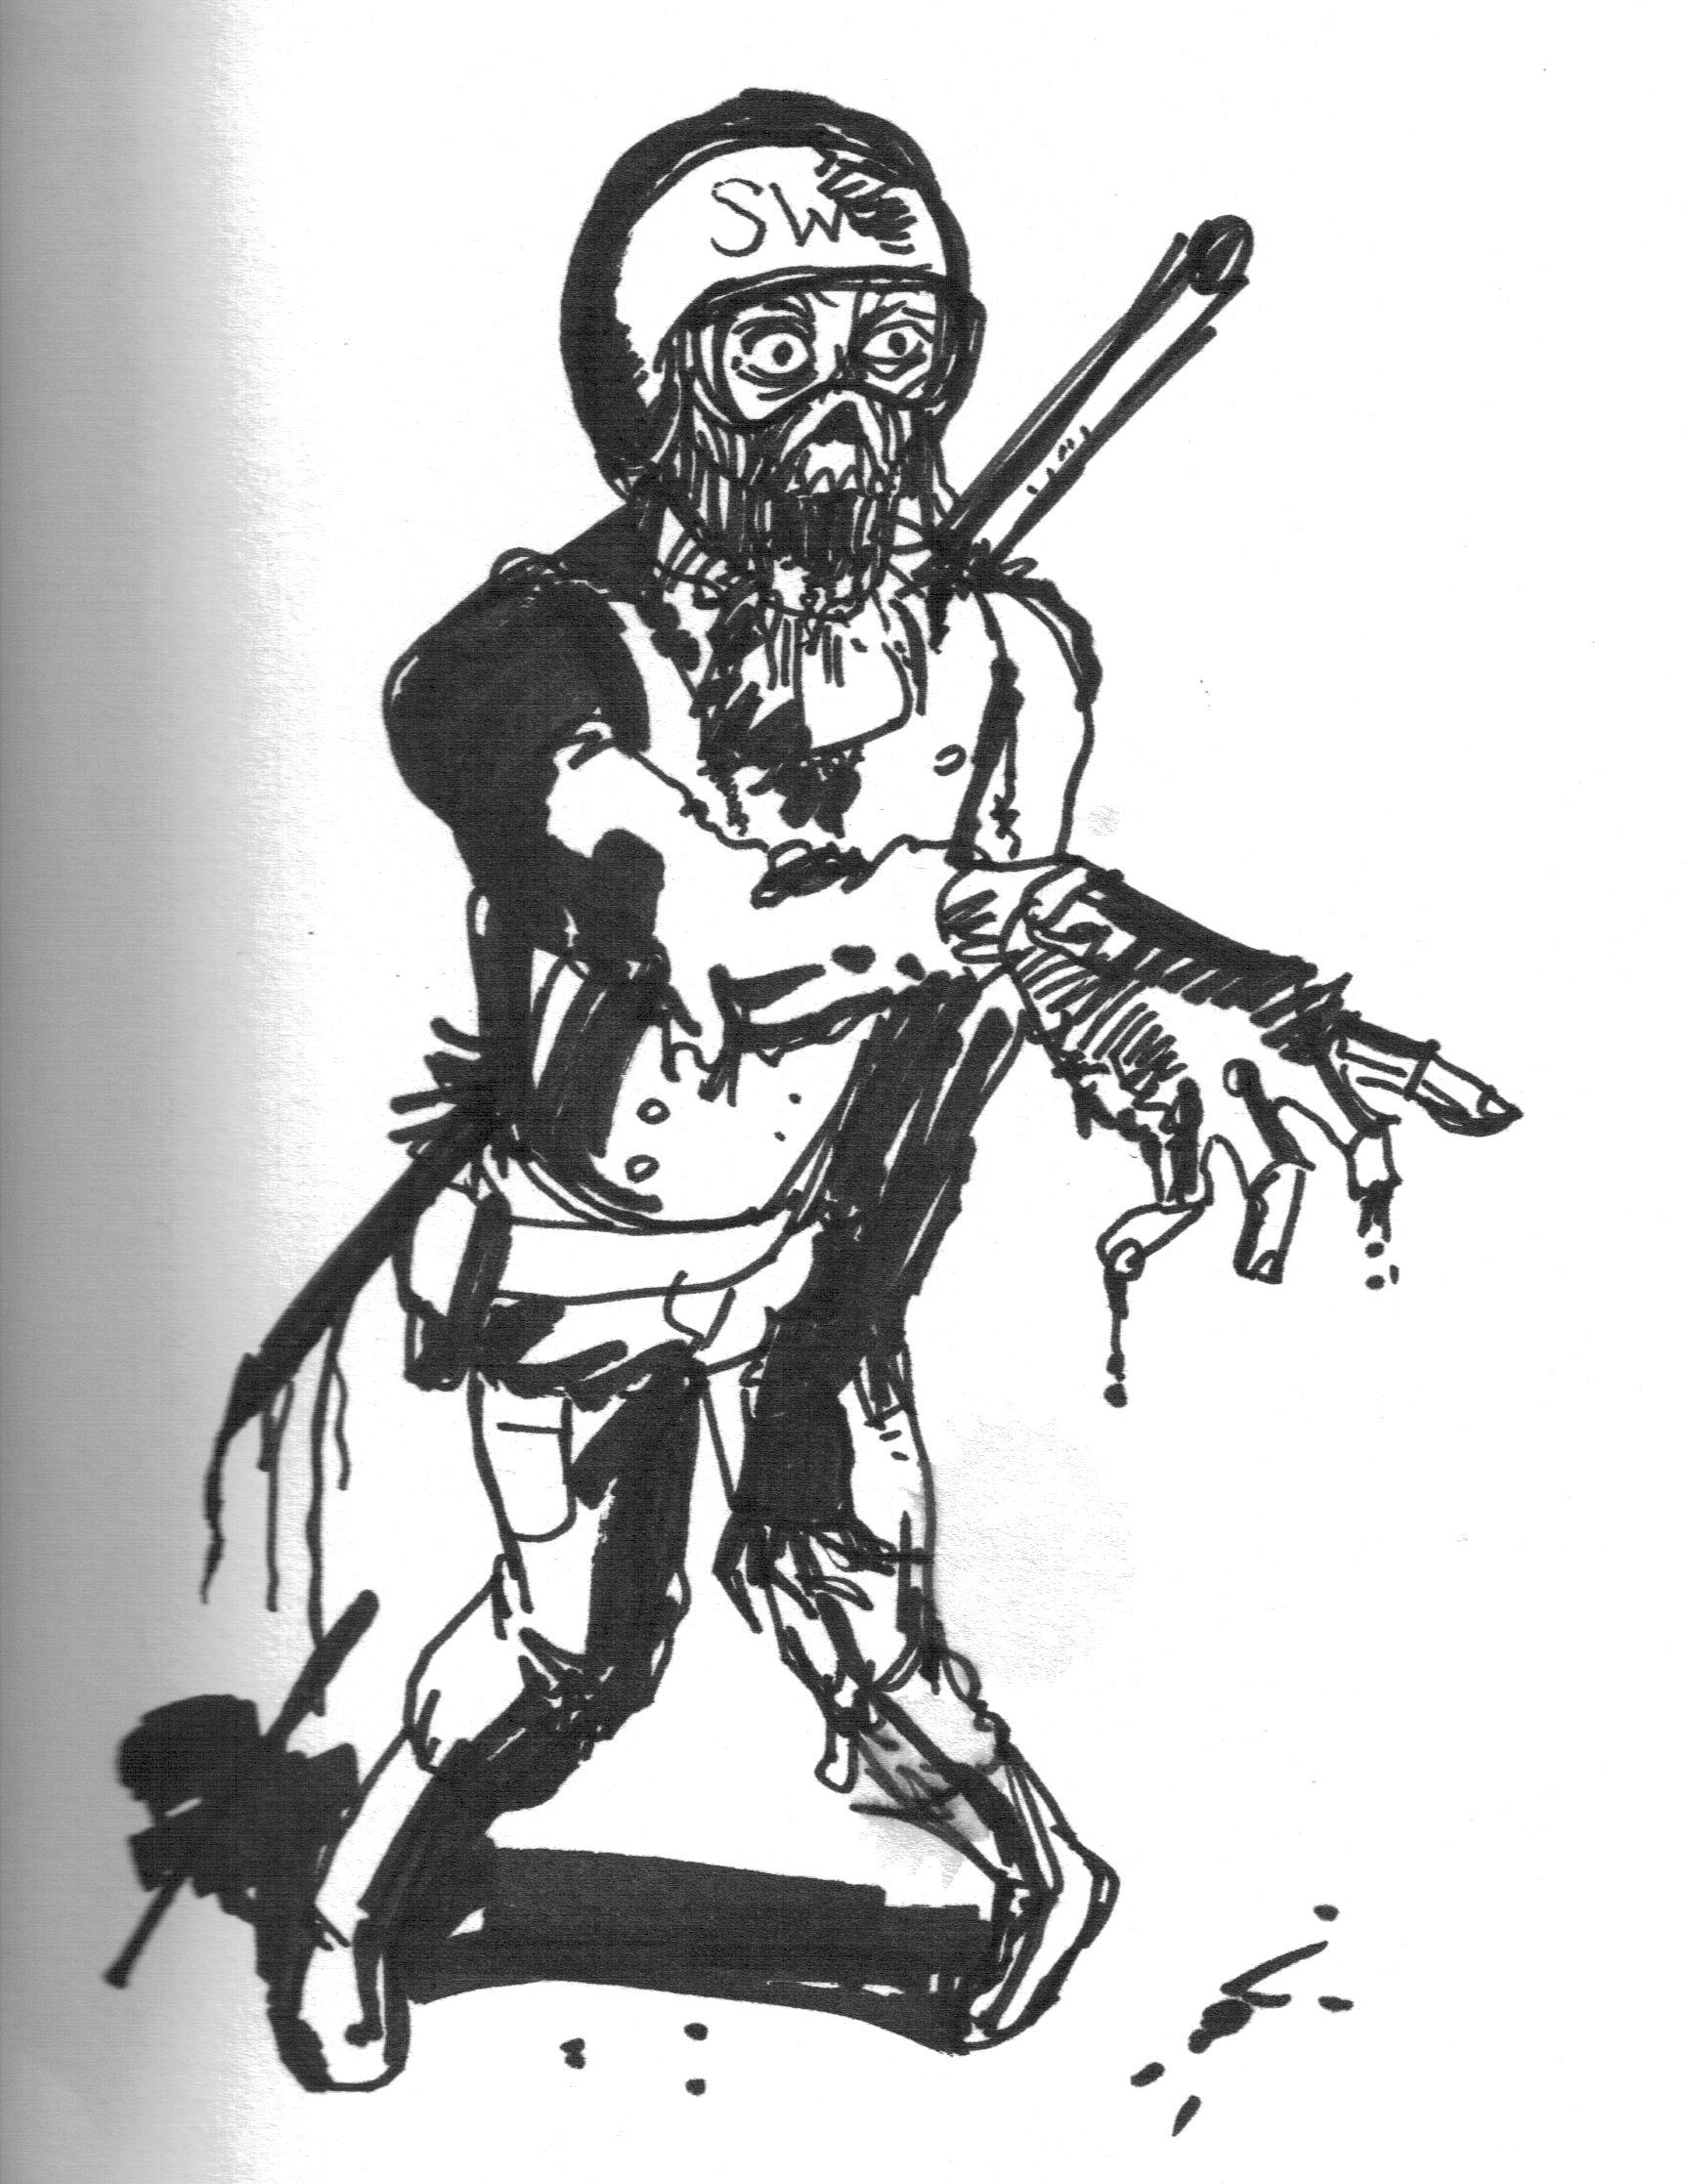 S.W.A.T. Zombie